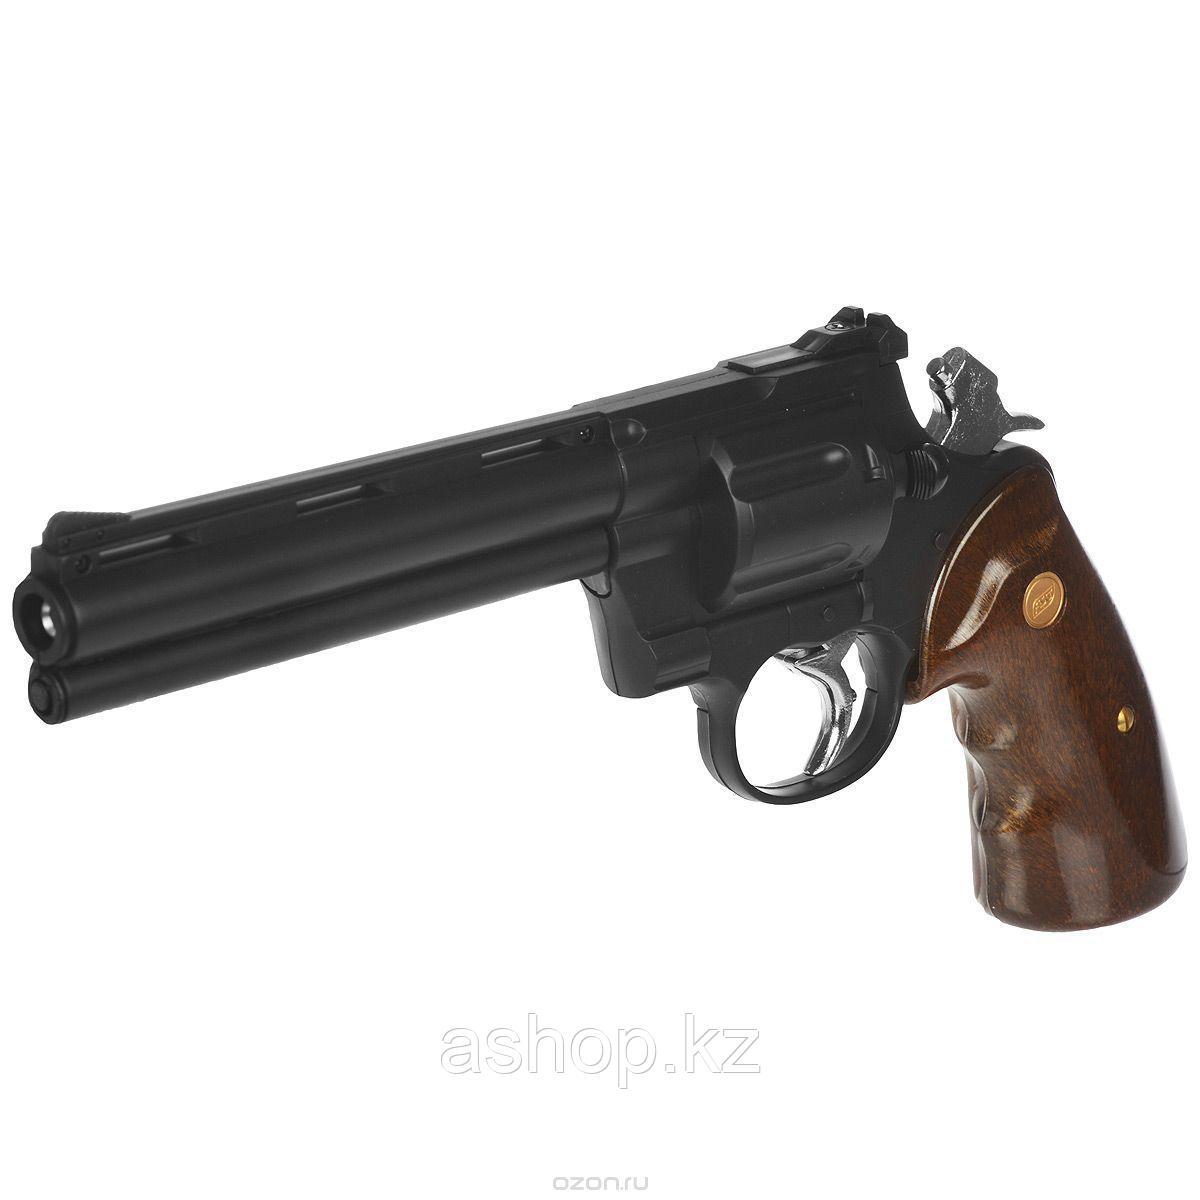 Револьвер для страйкбола ASG Zastava R-357, Калибр: 6,0 мм, Дульная энергия: 0,7 Дж, Ёмкость магазина (барабан